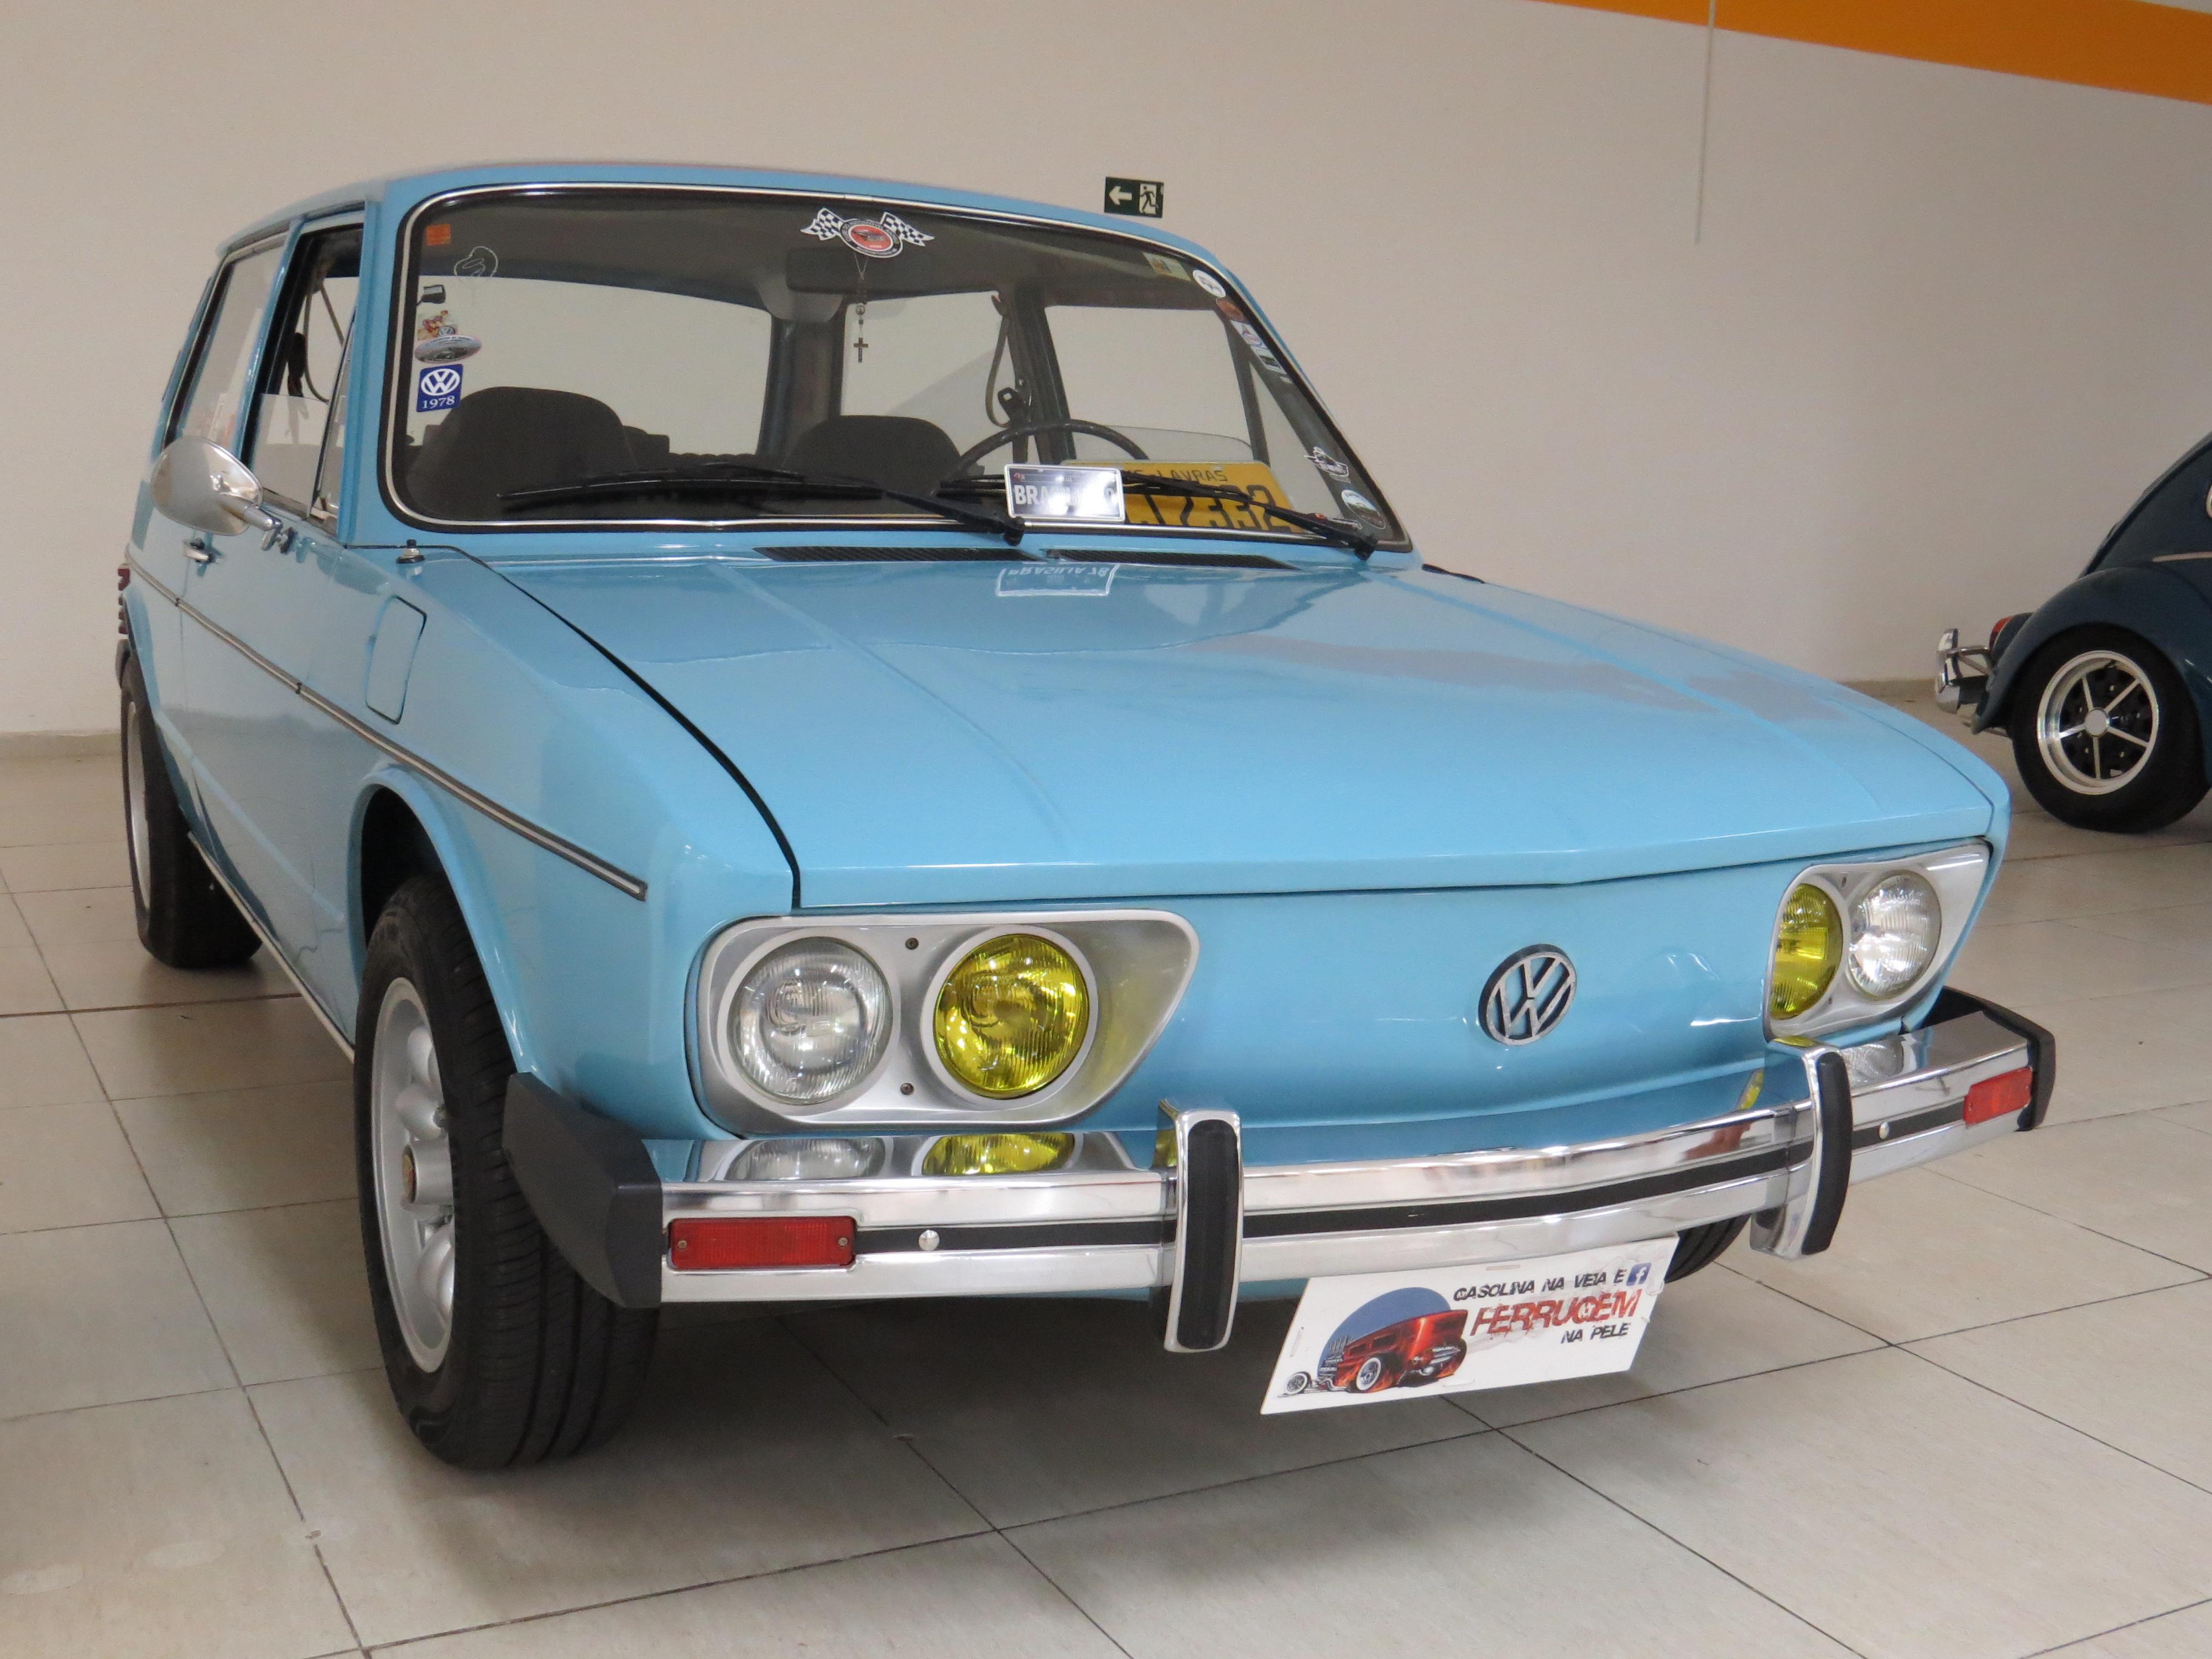 IMG 5607 - CLÁSSICOS SOBRE RODAS